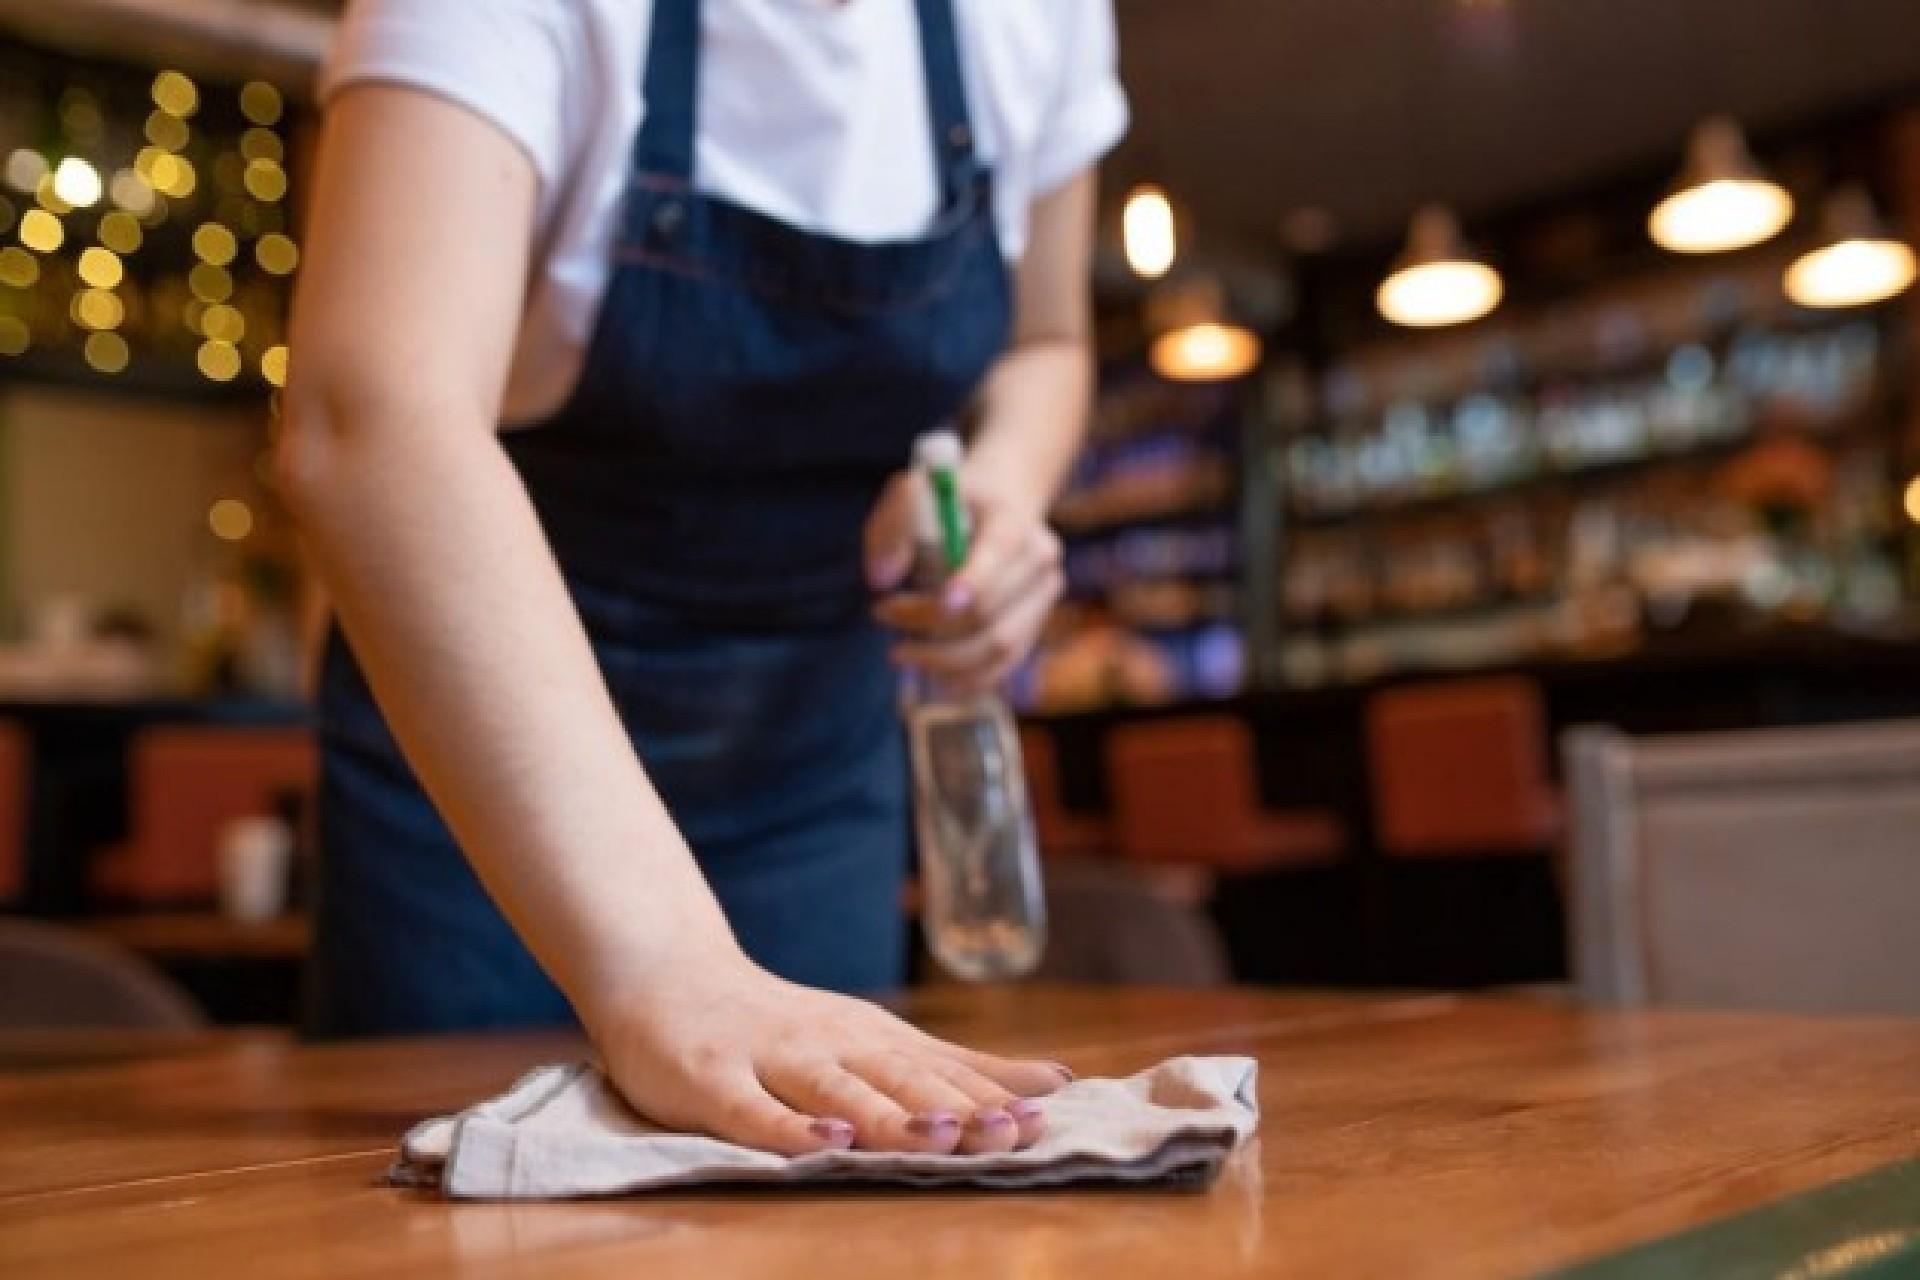 Covid-19: horário de bares e restaurantes em Juiz de Fora é alterado pela 3ª vez; Prefeitura também mudou funcionamento de shoppings